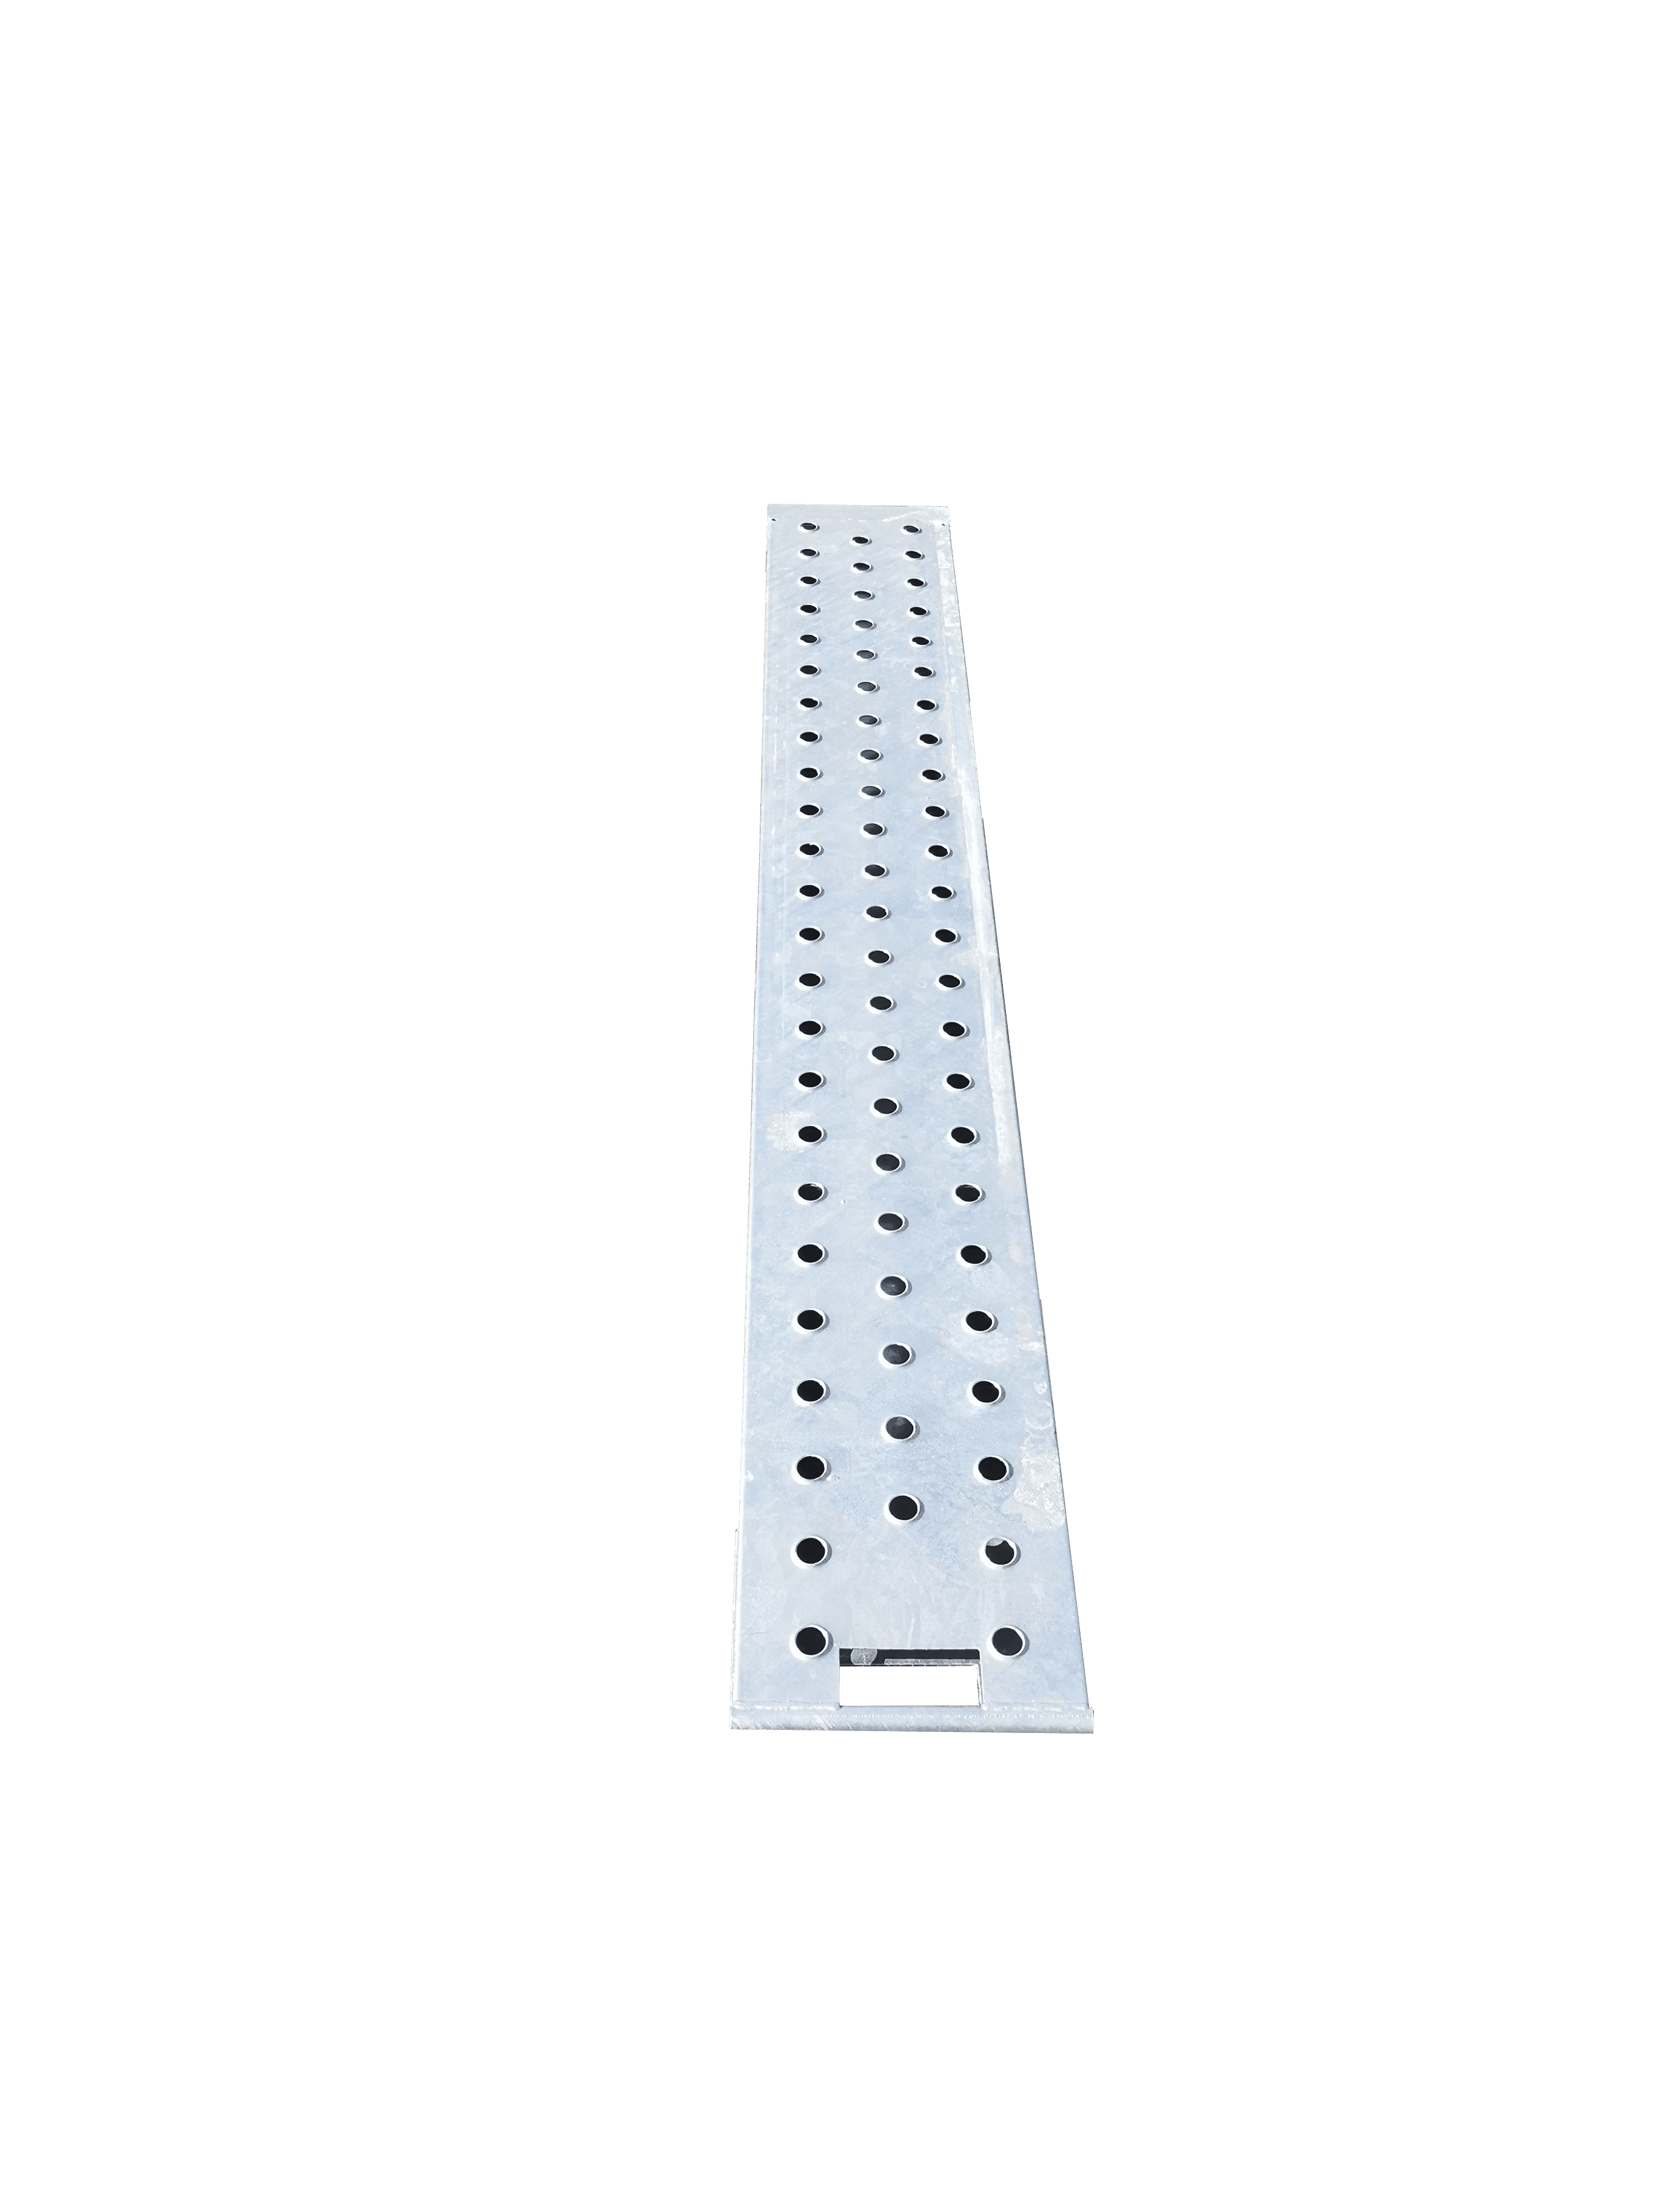 1 Stück Stahl-Auffahrrampe